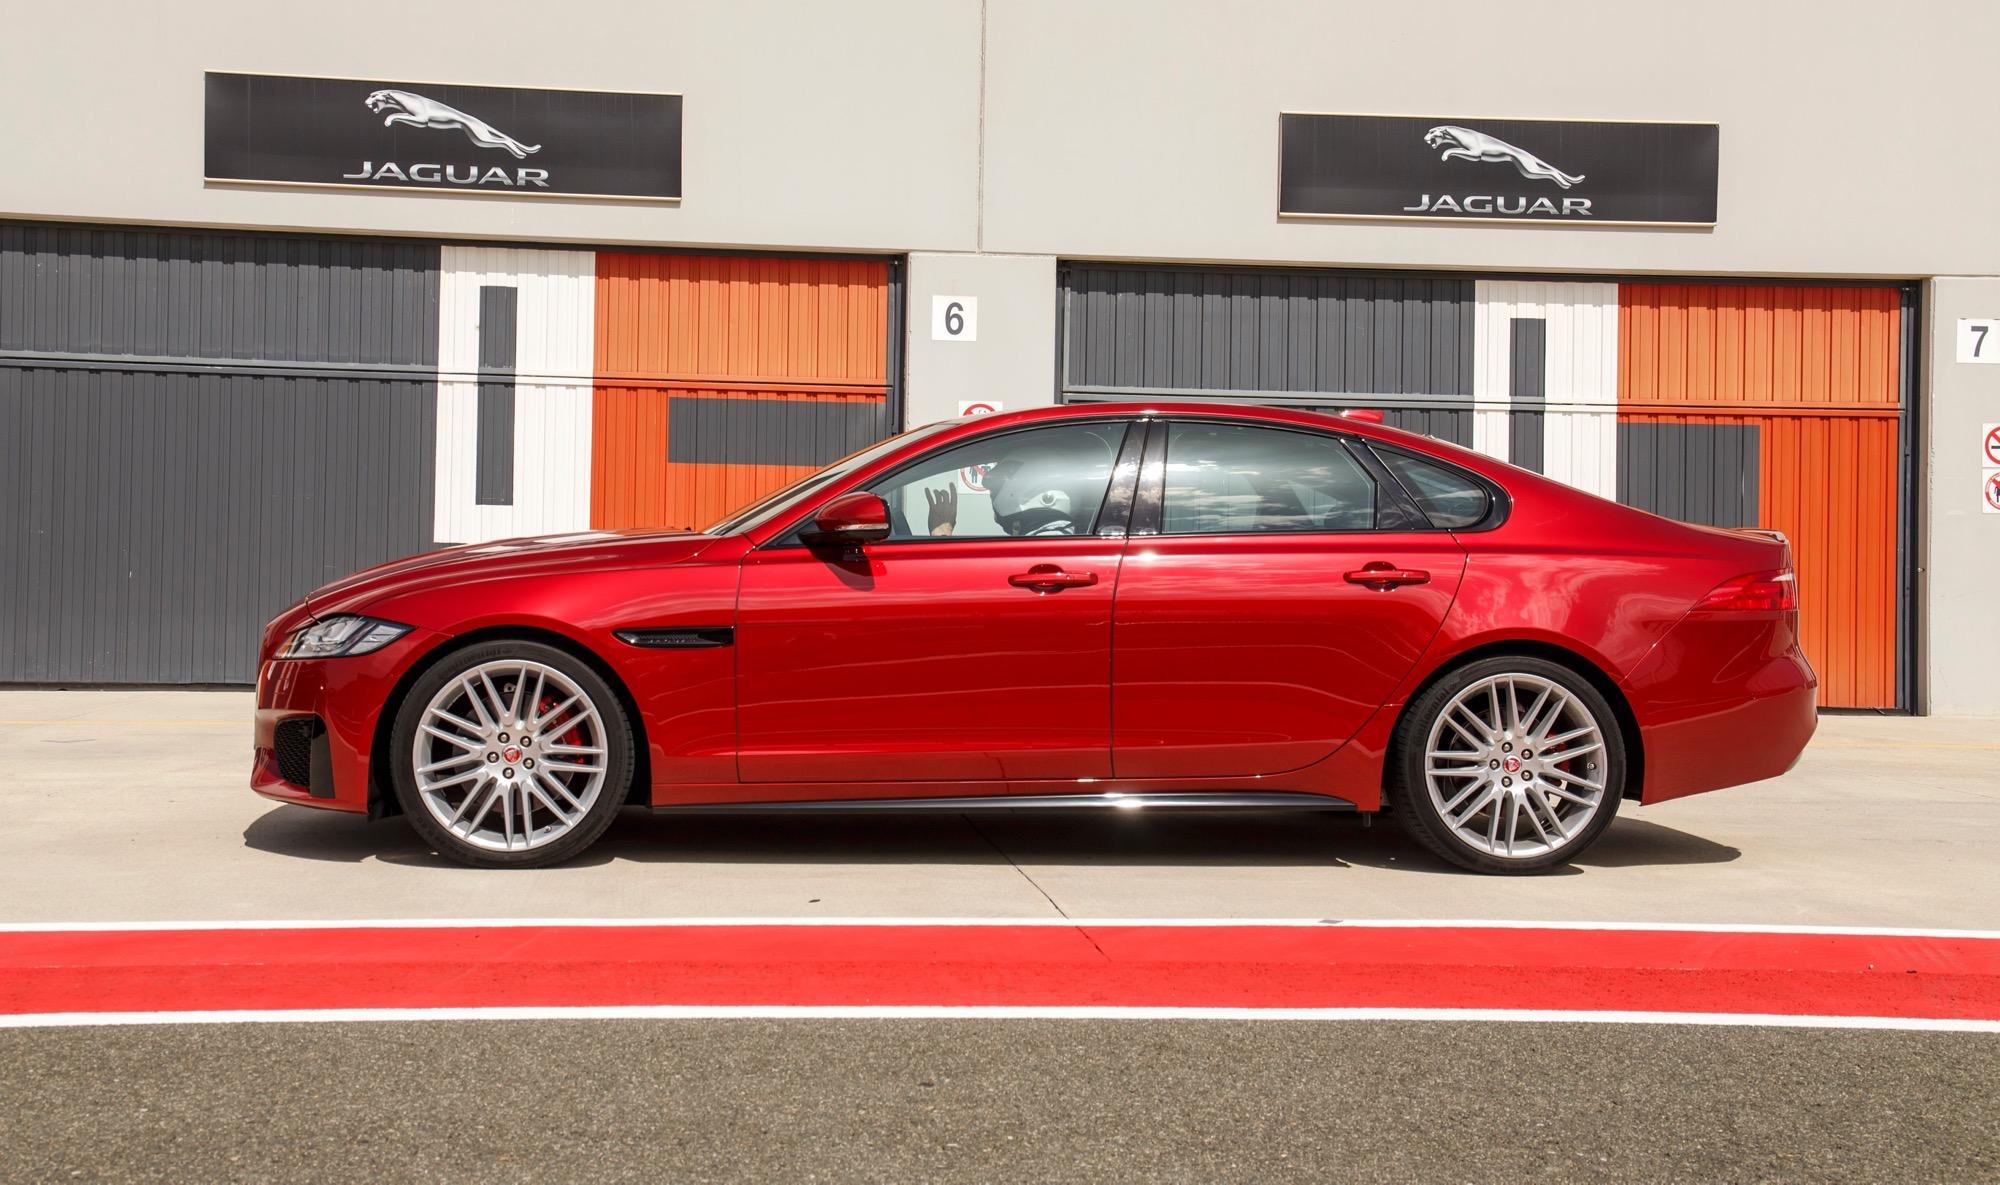 Jaguar Xf 2018 >> 2016 Jaguar XF Review - photos | CarAdvice